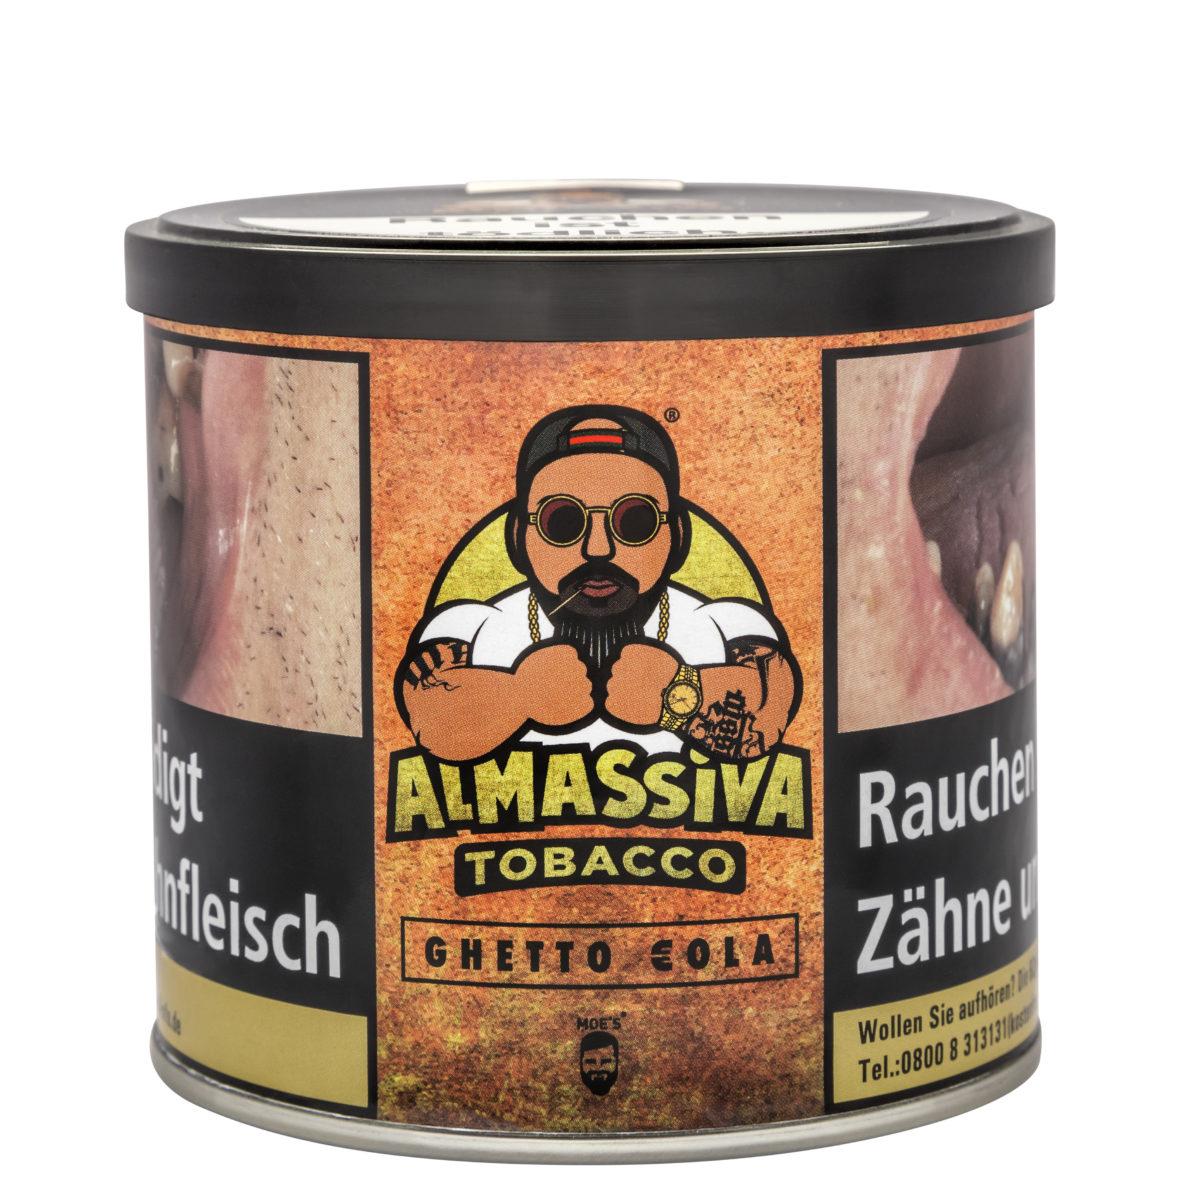 ALMASSIVA Tobacco - Ghetto Cola